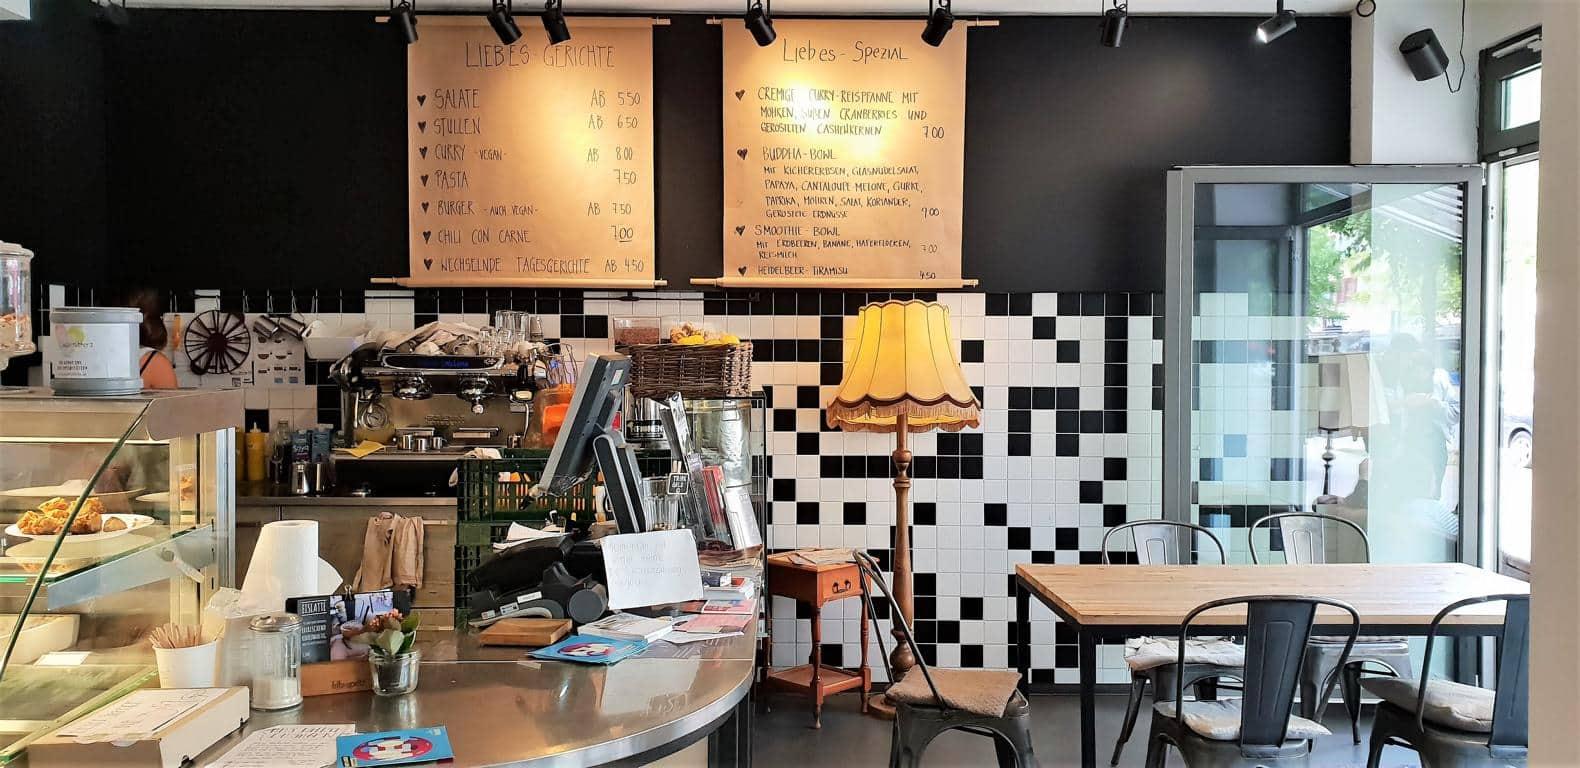 style hannover lieb es cafe 2 - lieb.es